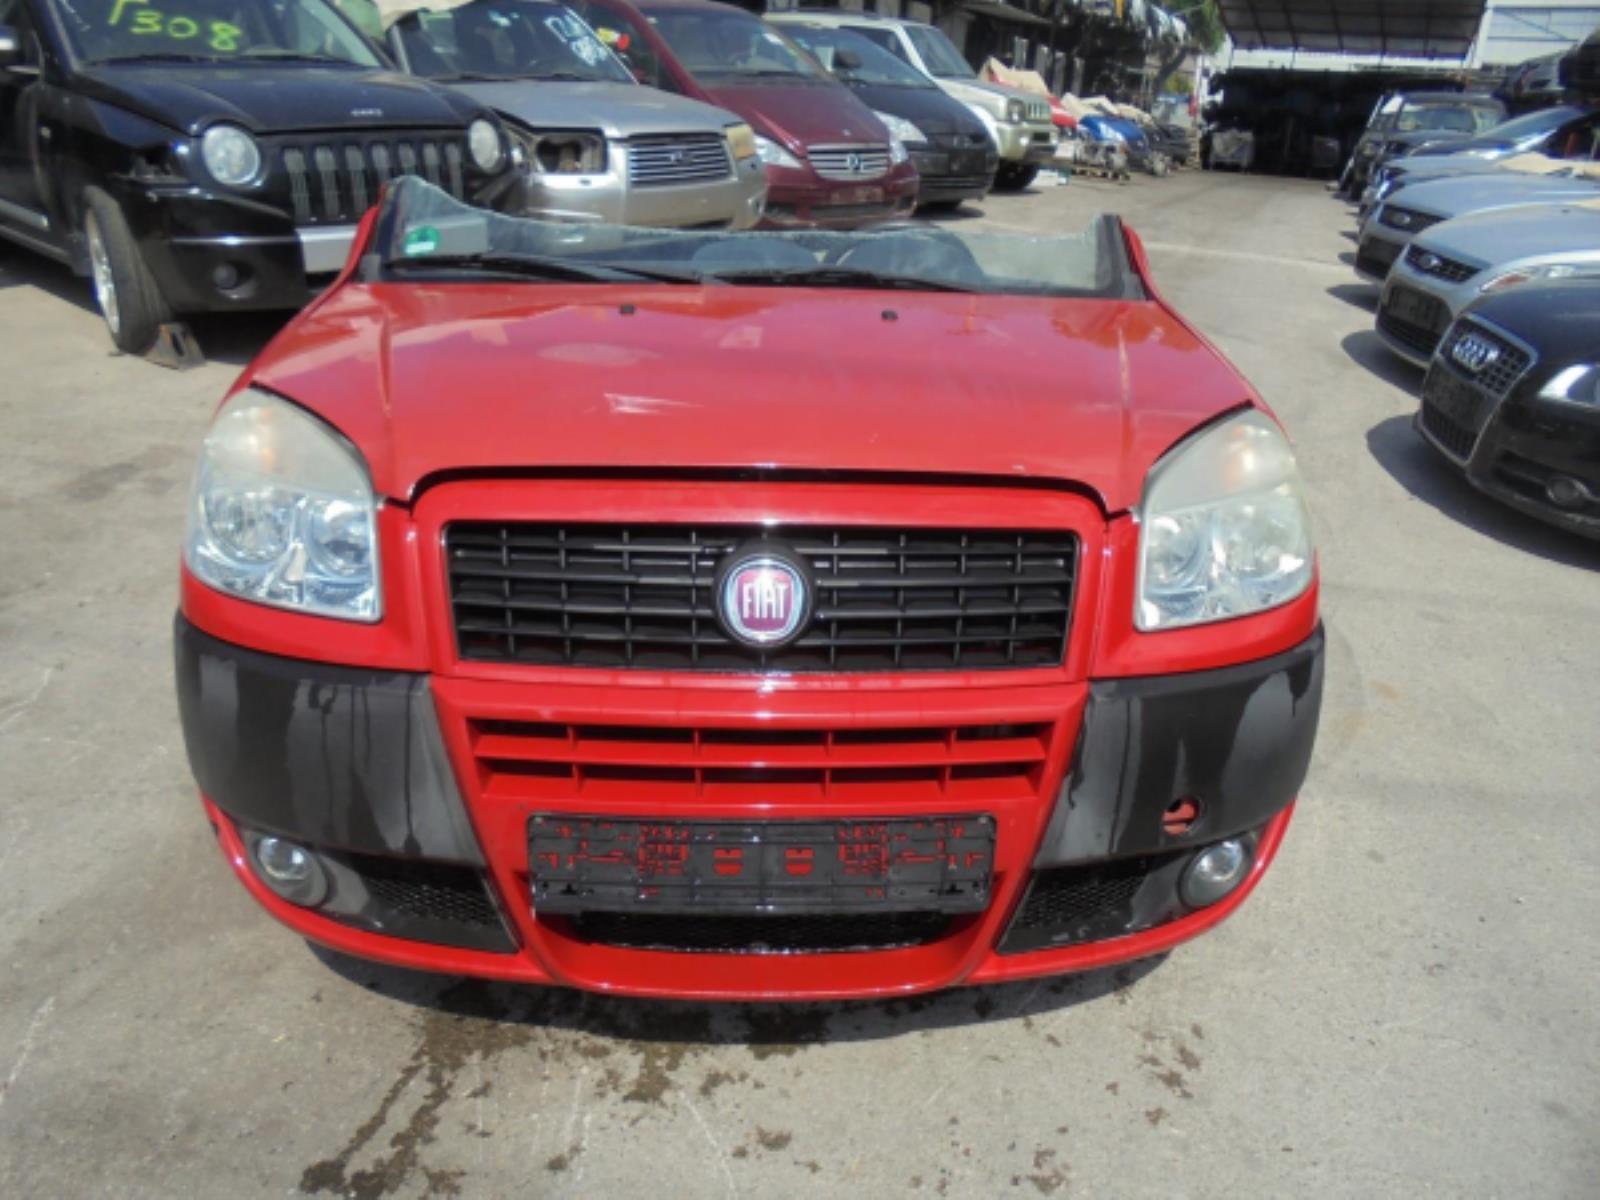 Εικόνα από Τροπέτο μηχανικά  FIAT DOBLO (2005-2009) 1900cc 186A9000   Multijet